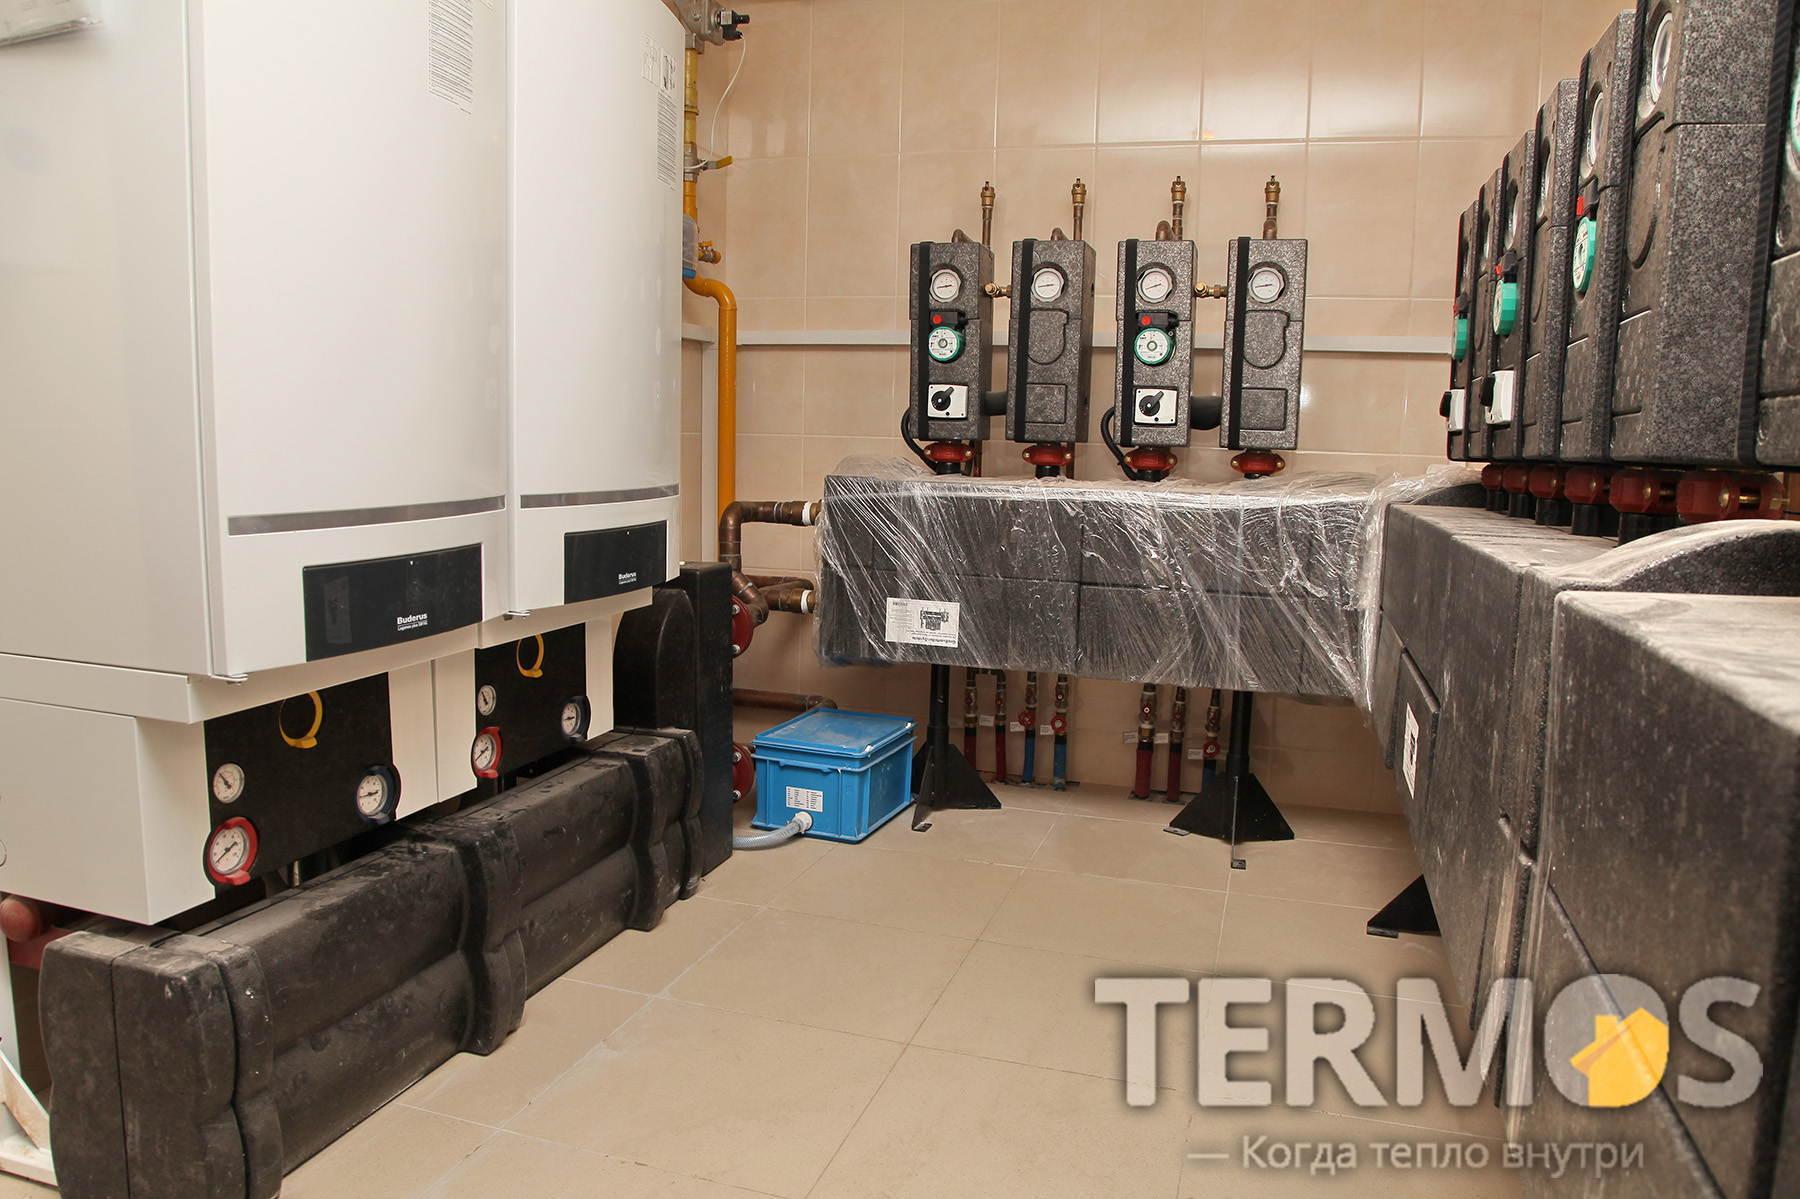 Автоматическая комбинированная система отопления на двух конденсационных котлах BUDERUS GB162 по 80 кВт работающих в каскаде и дублирующем твердотопливном котле Buderus Logica 100 кВт, с автоматическим переключением.